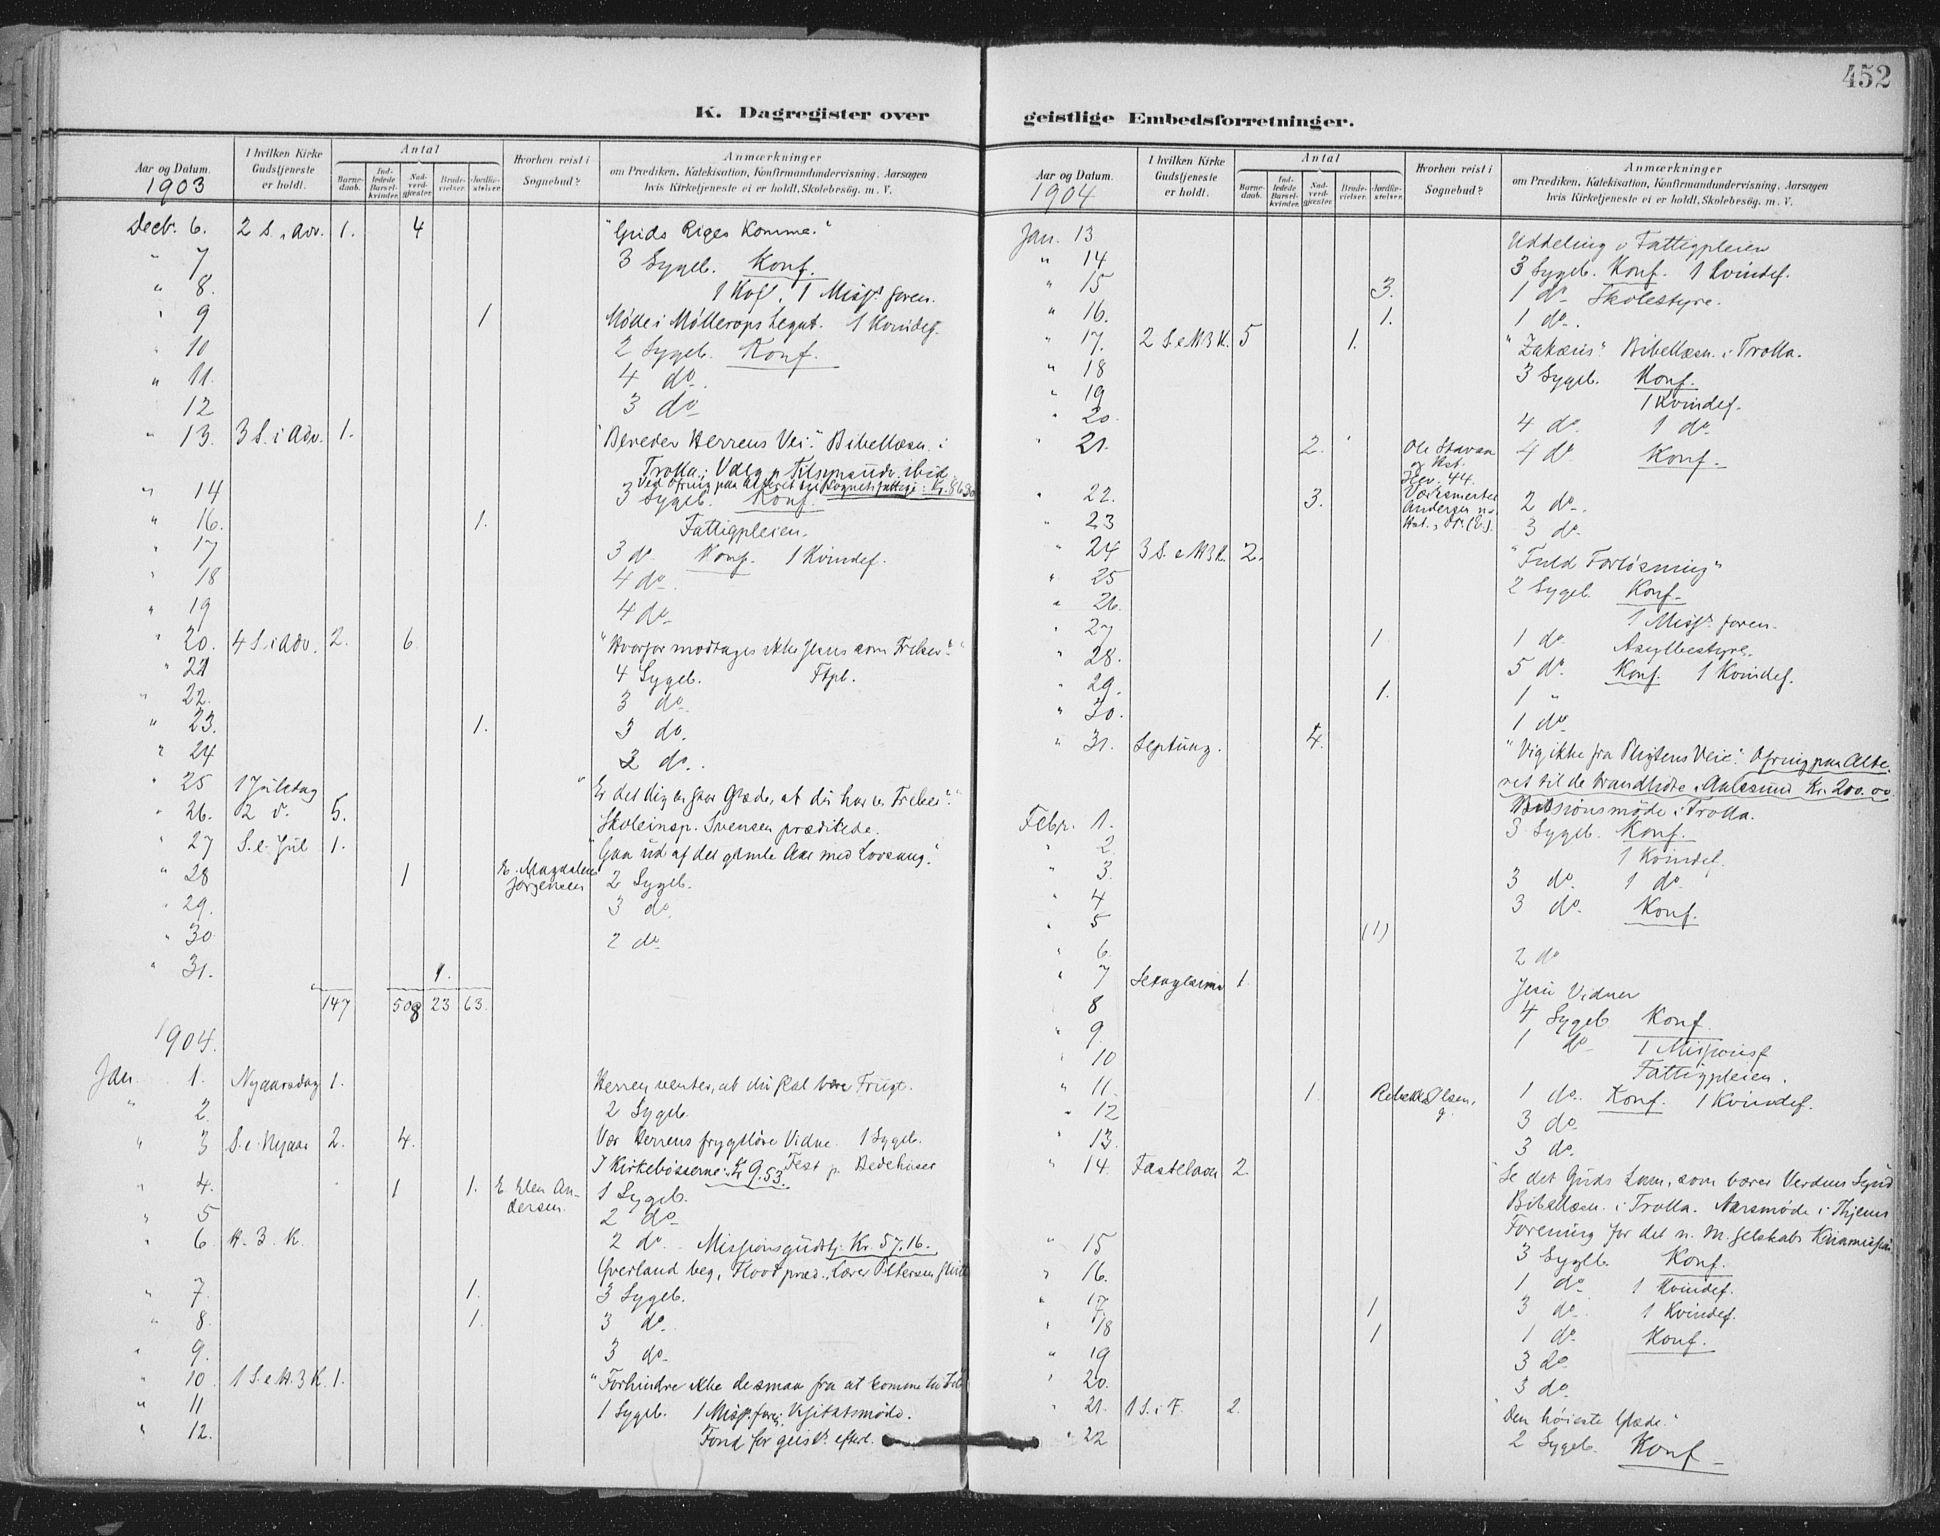 SAT, Ministerialprotokoller, klokkerbøker og fødselsregistre - Sør-Trøndelag, 603/L0167: Ministerialbok nr. 603A06, 1896-1932, s. 452